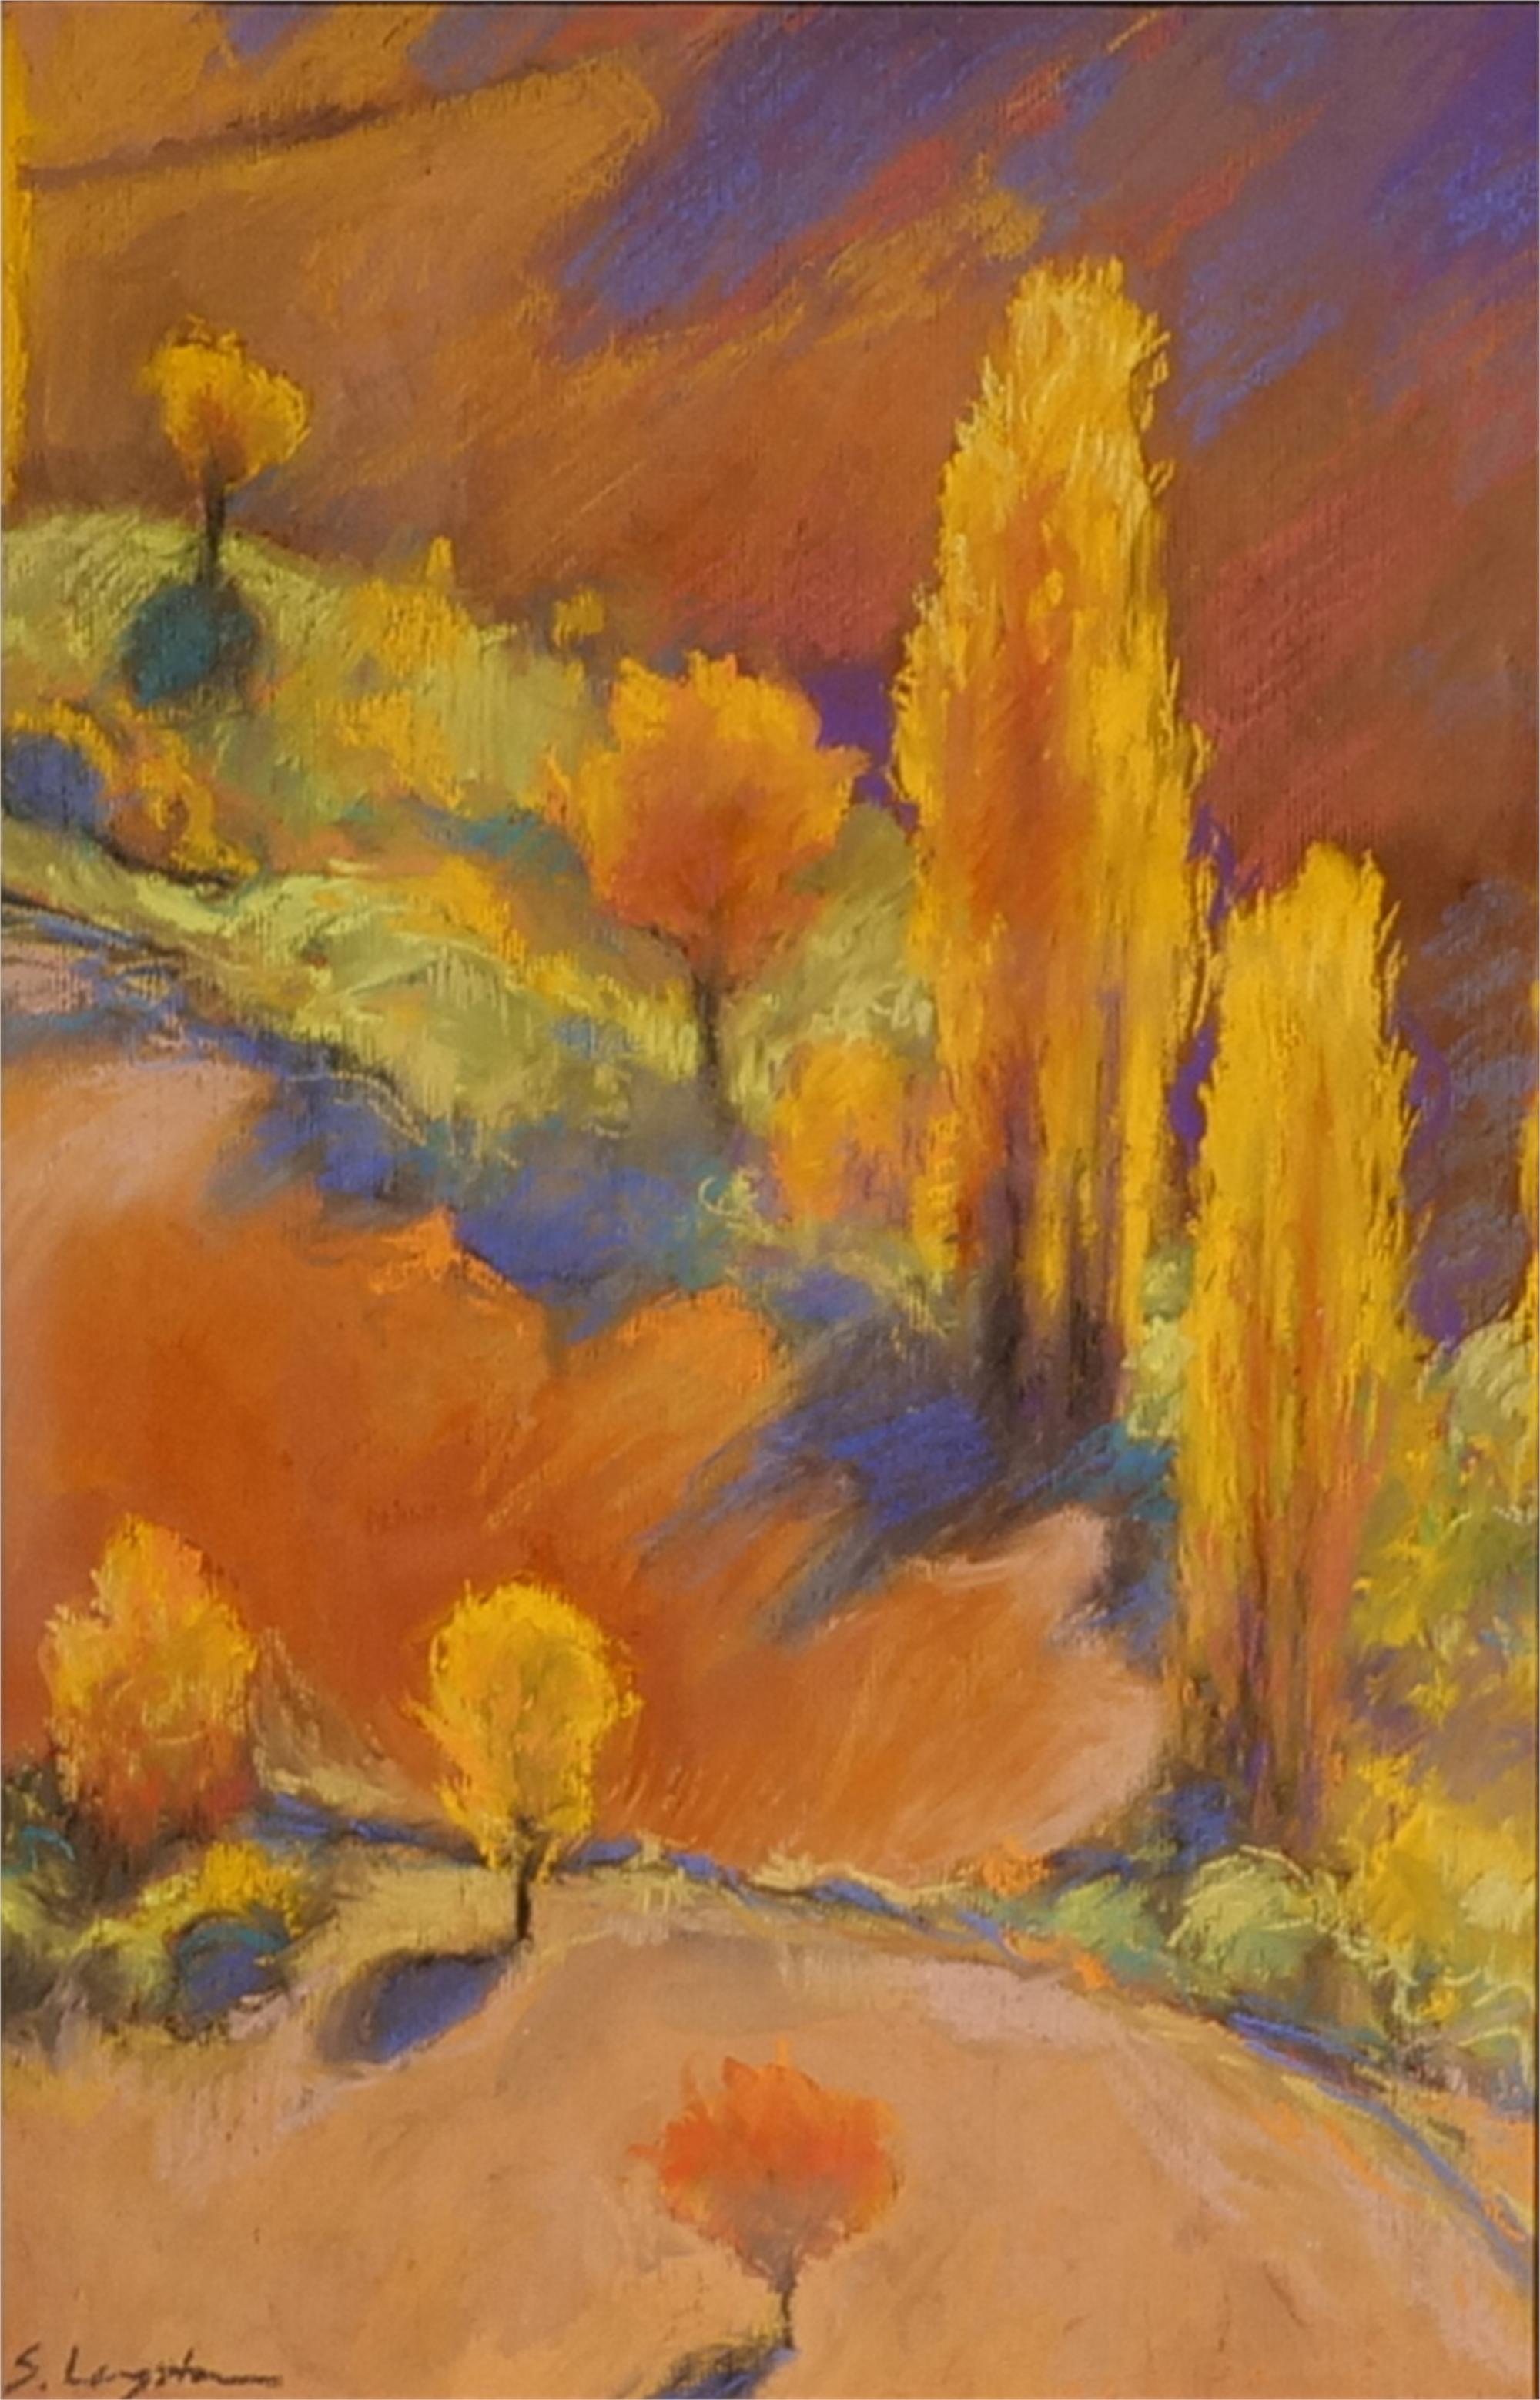 Pioppi by Sandra Langston